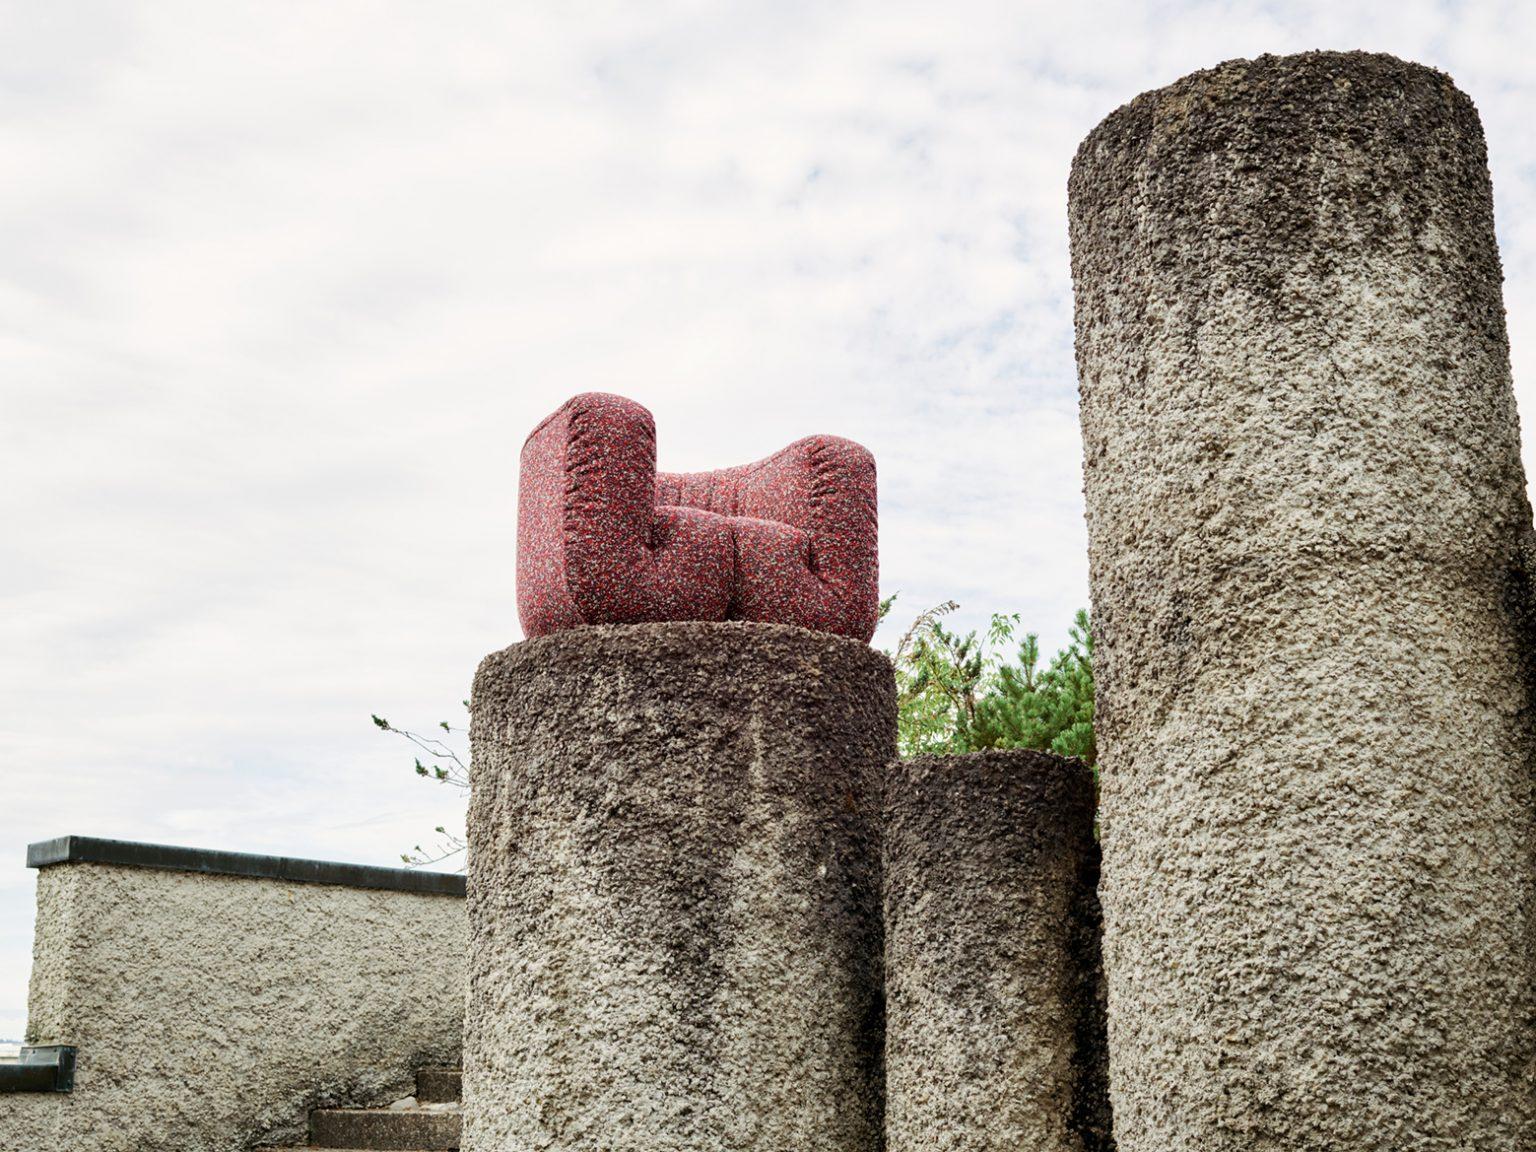 Biennale Interieur - Belgium's leading design and interior event - Ds707_02.jpg